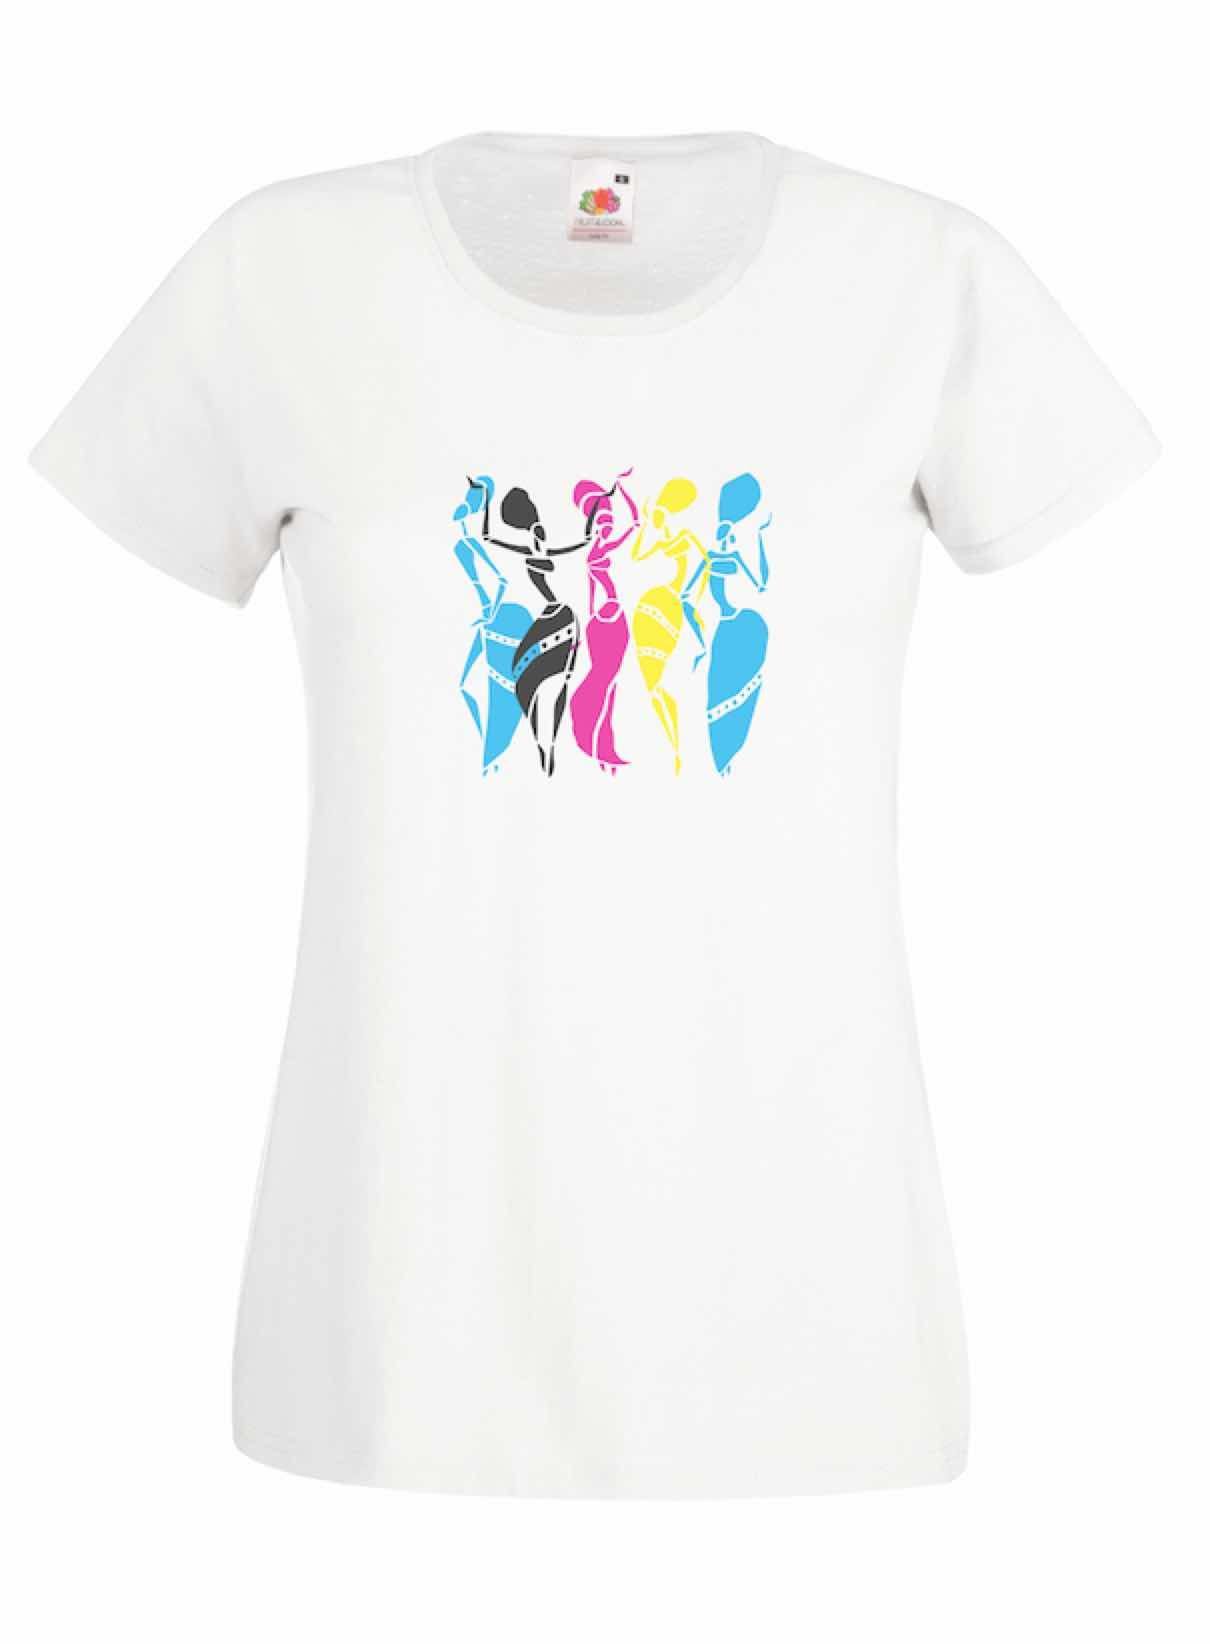 African Dancers design for t-shirt, hoodie & sweatshirt